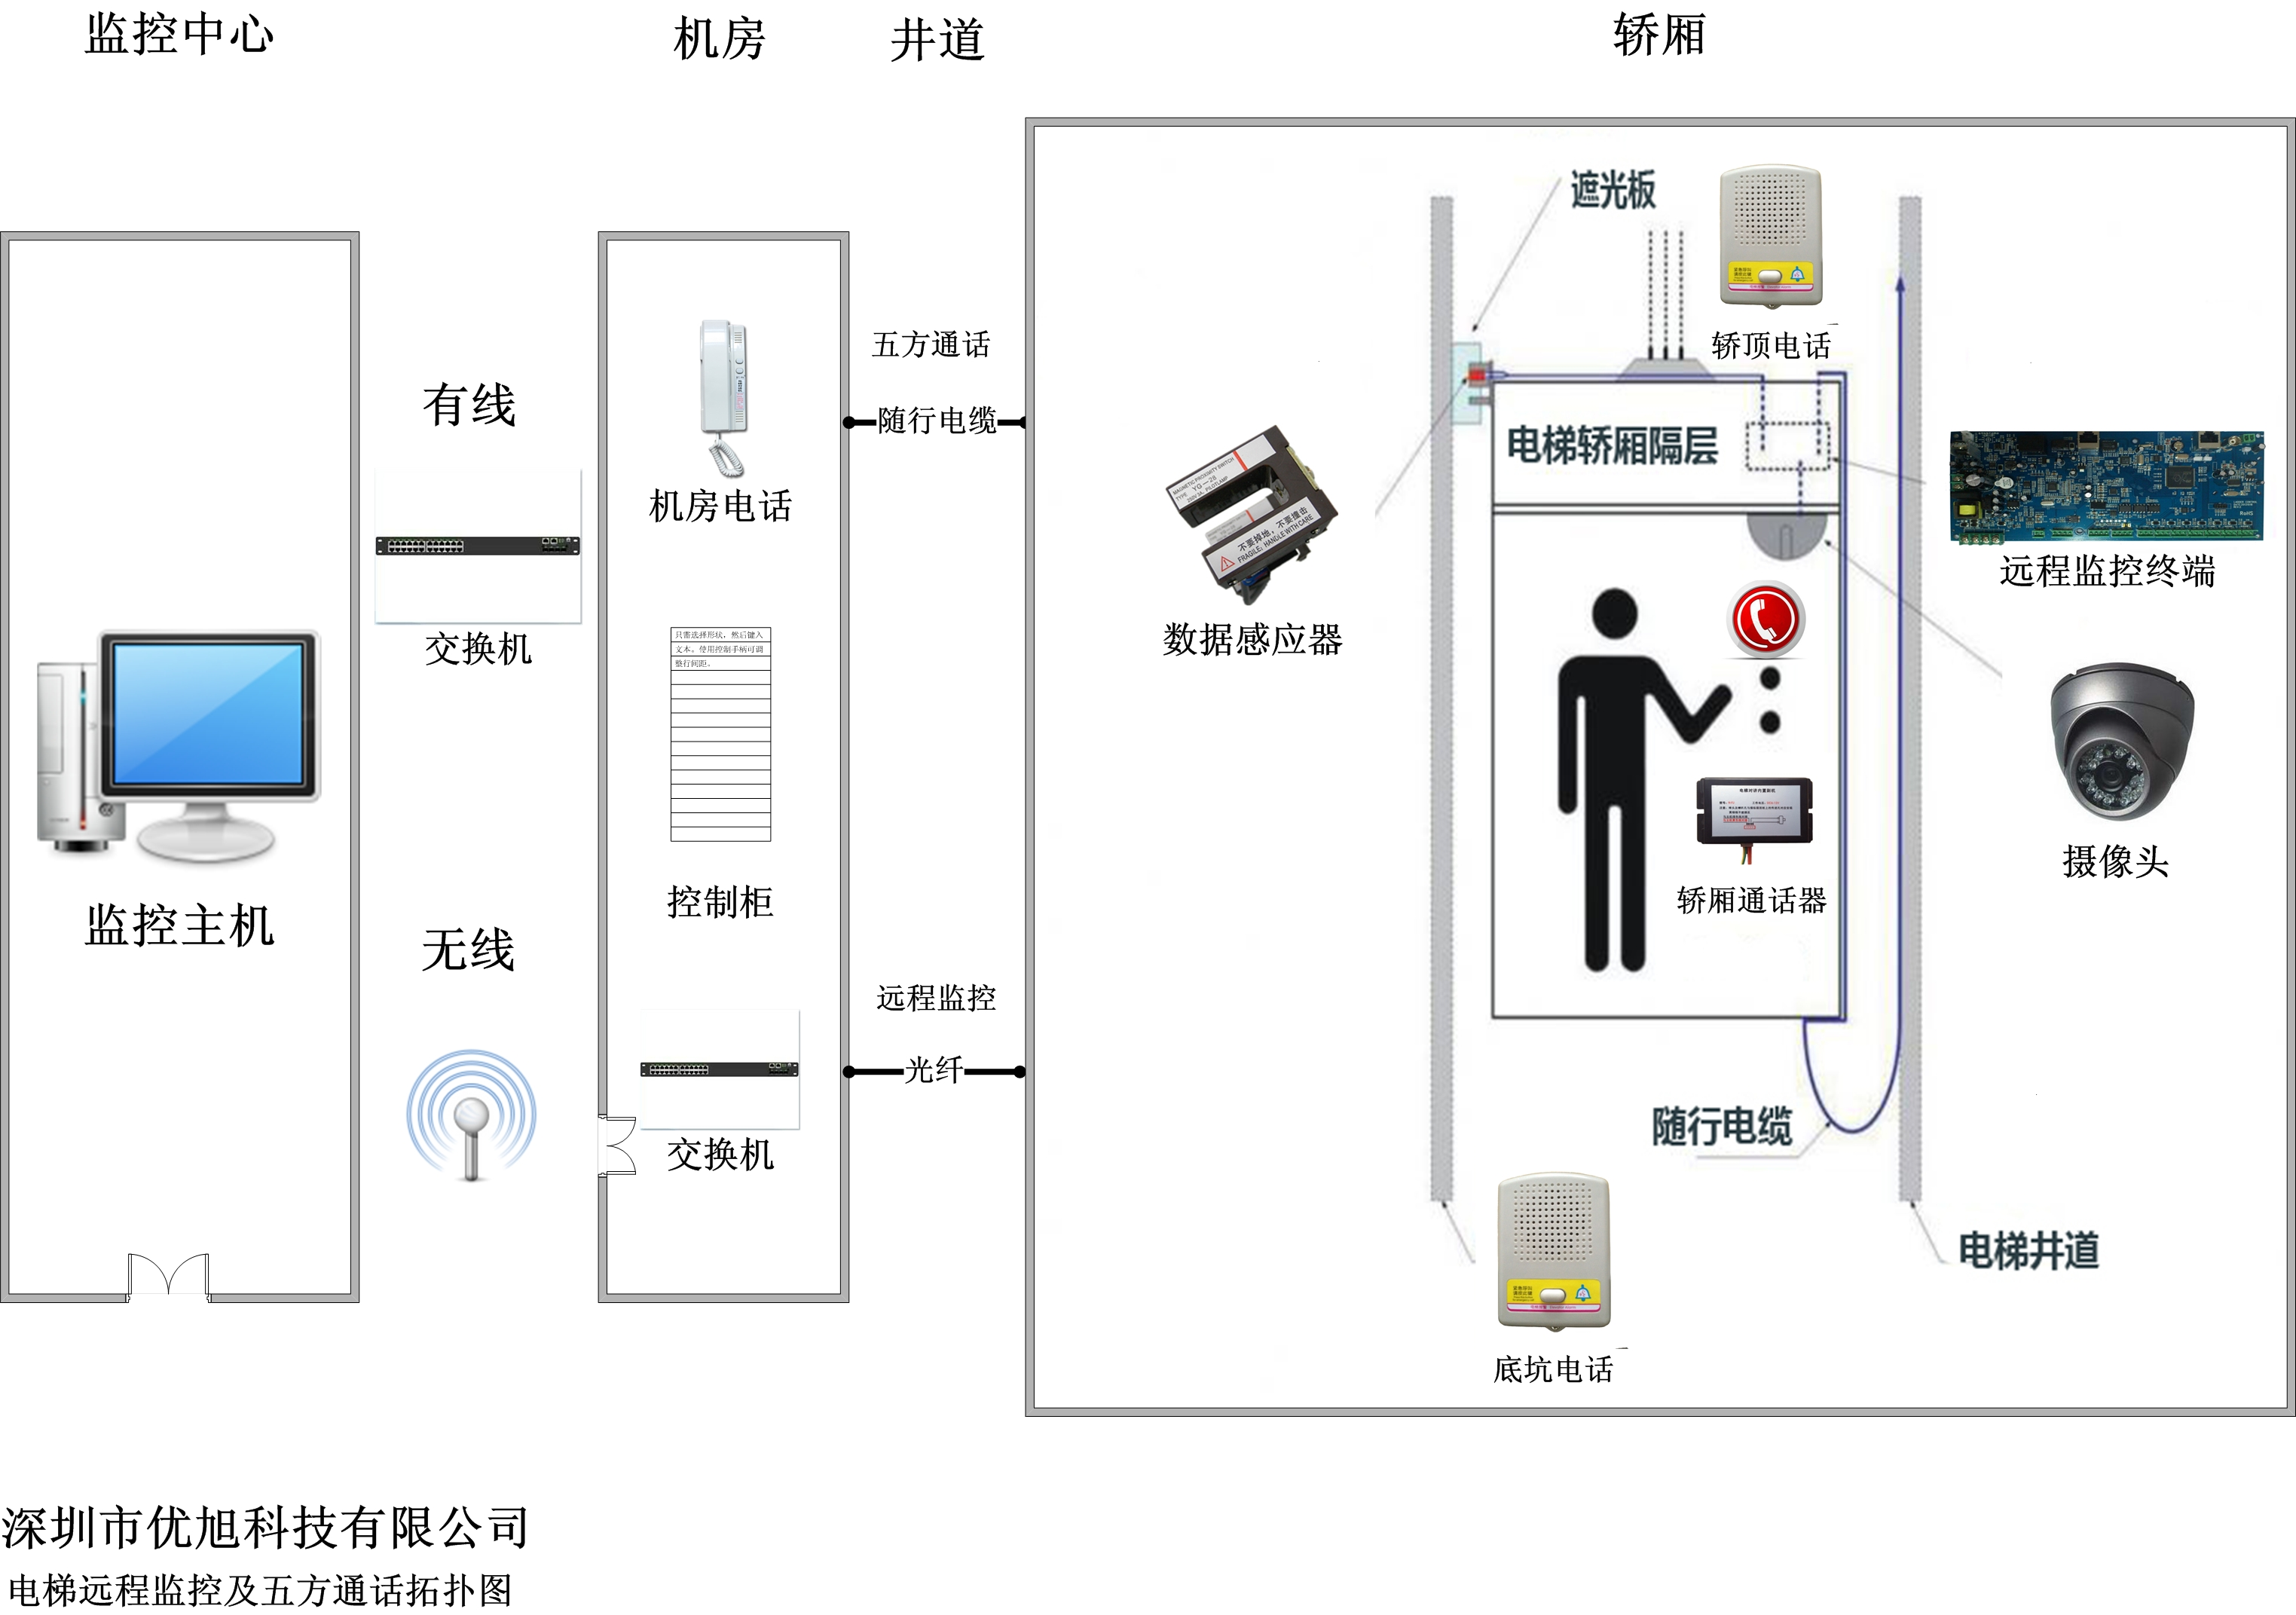 电梯远程监控系统与电梯五方对讲二合一系统